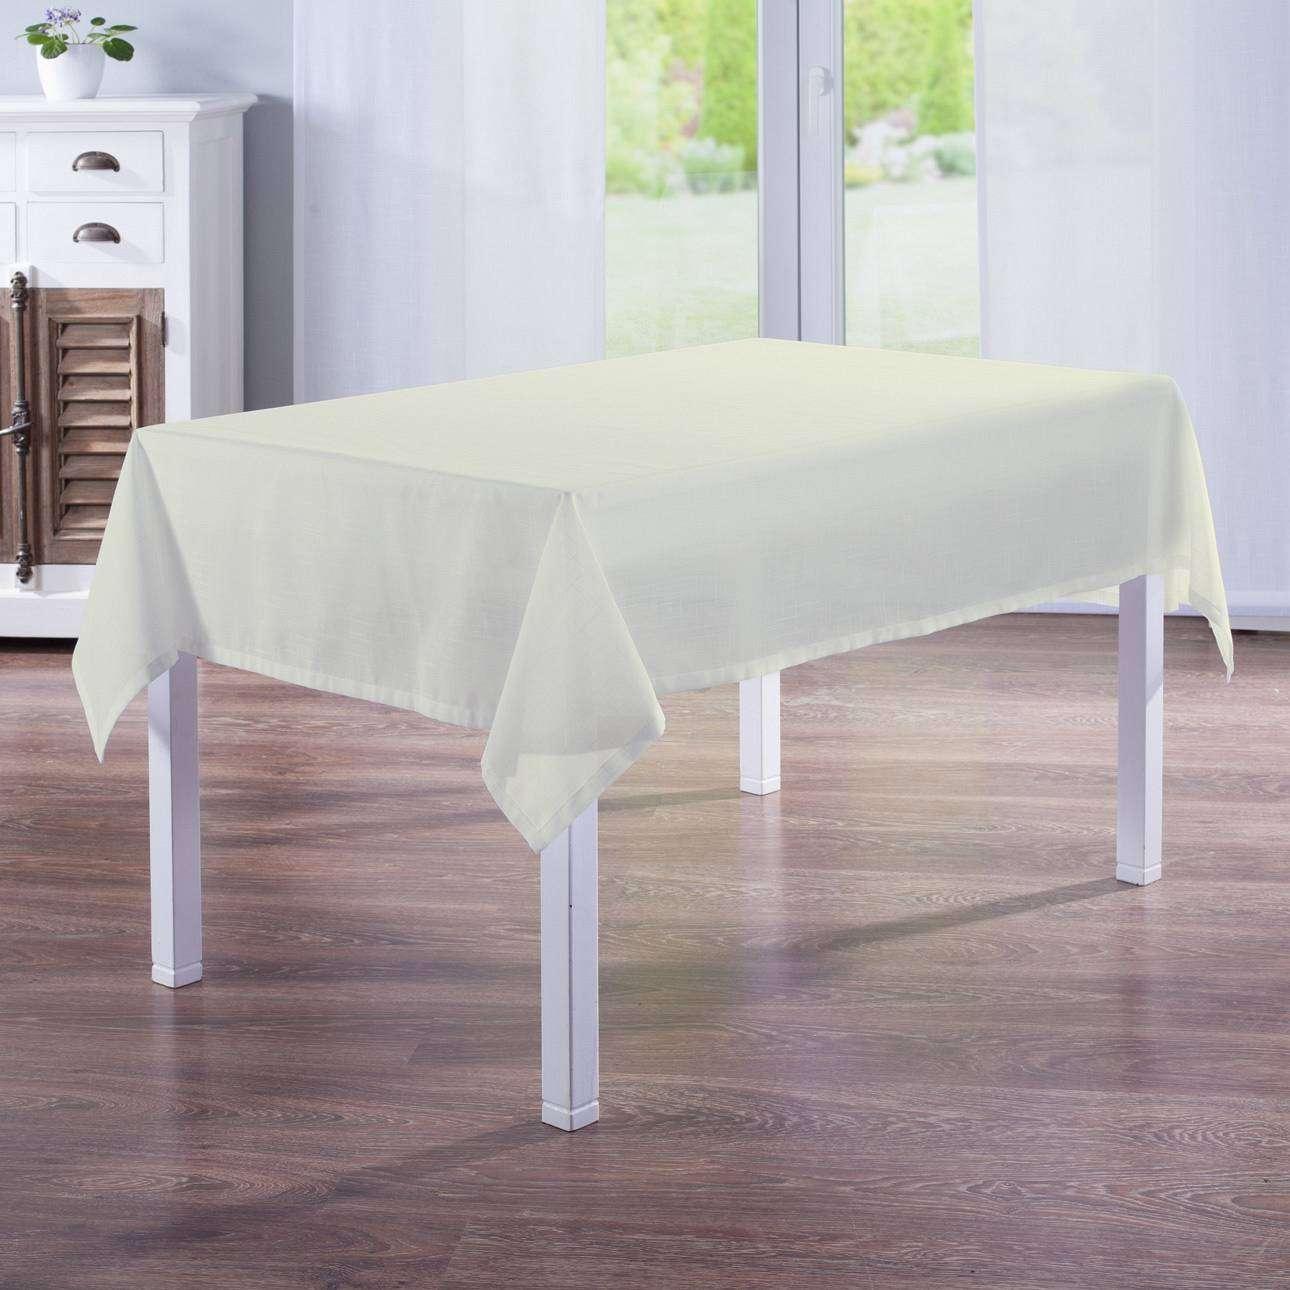 Staltiesės (stalui su kampais) 130 x 130 cm kolekcijoje Romantica, audinys: 128-88